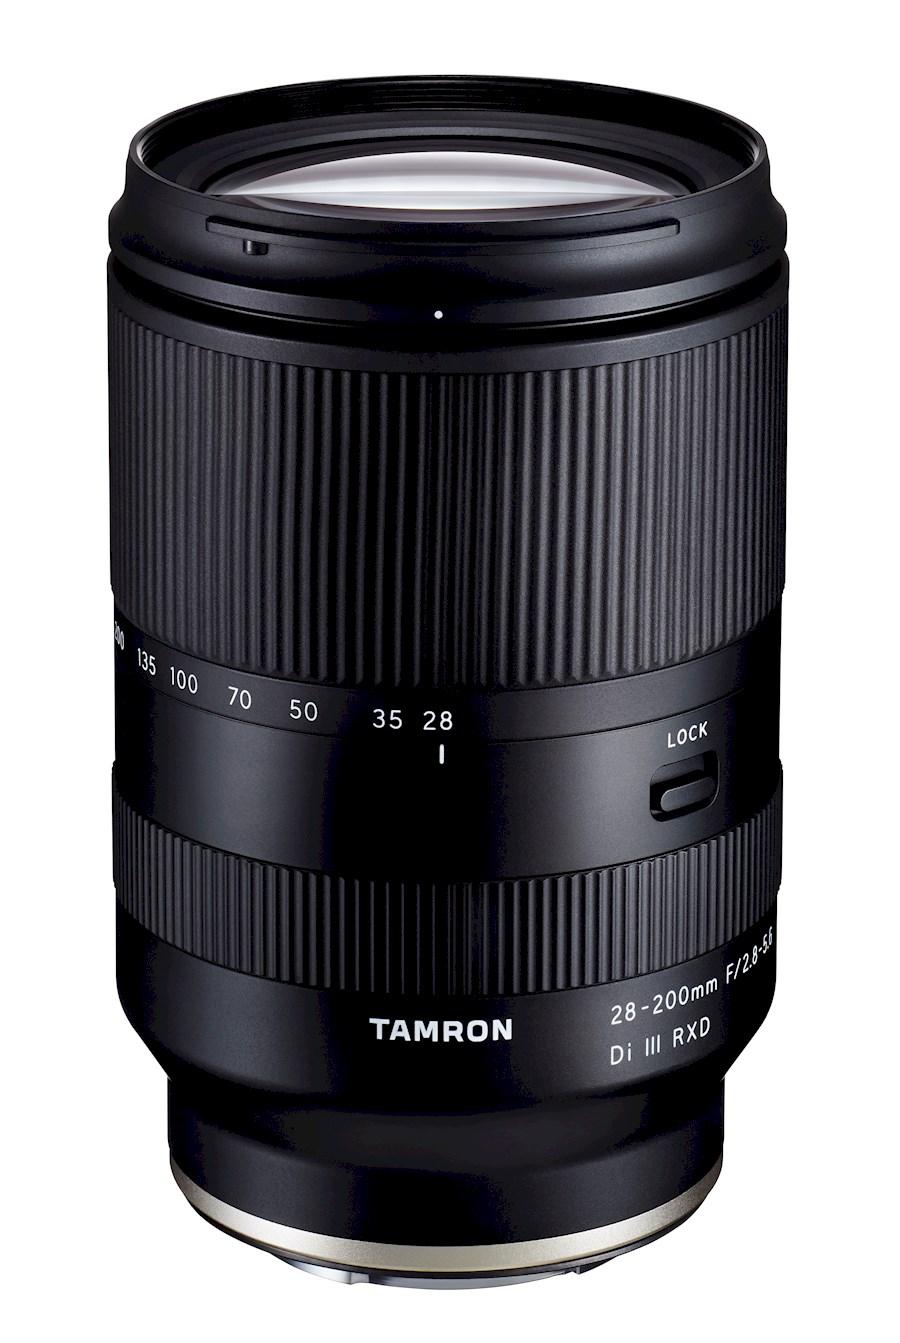 Huur een Tamron 28-200mm F/2.8-5.6 Di III RXD in Nieuw-Vennep van TRANSCONTINENTA B.V.